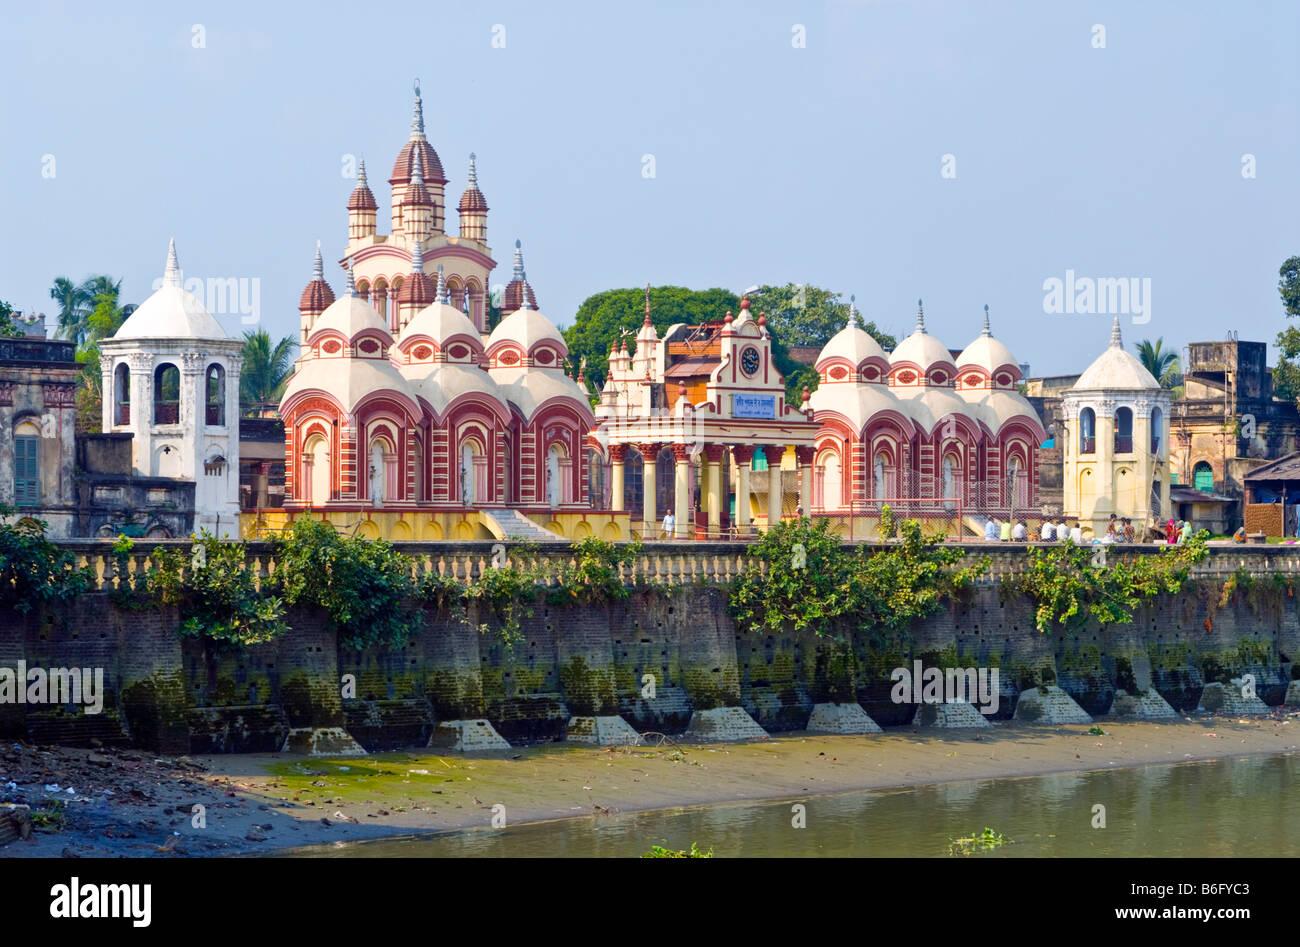 Temple, Kolkata - Stock Image